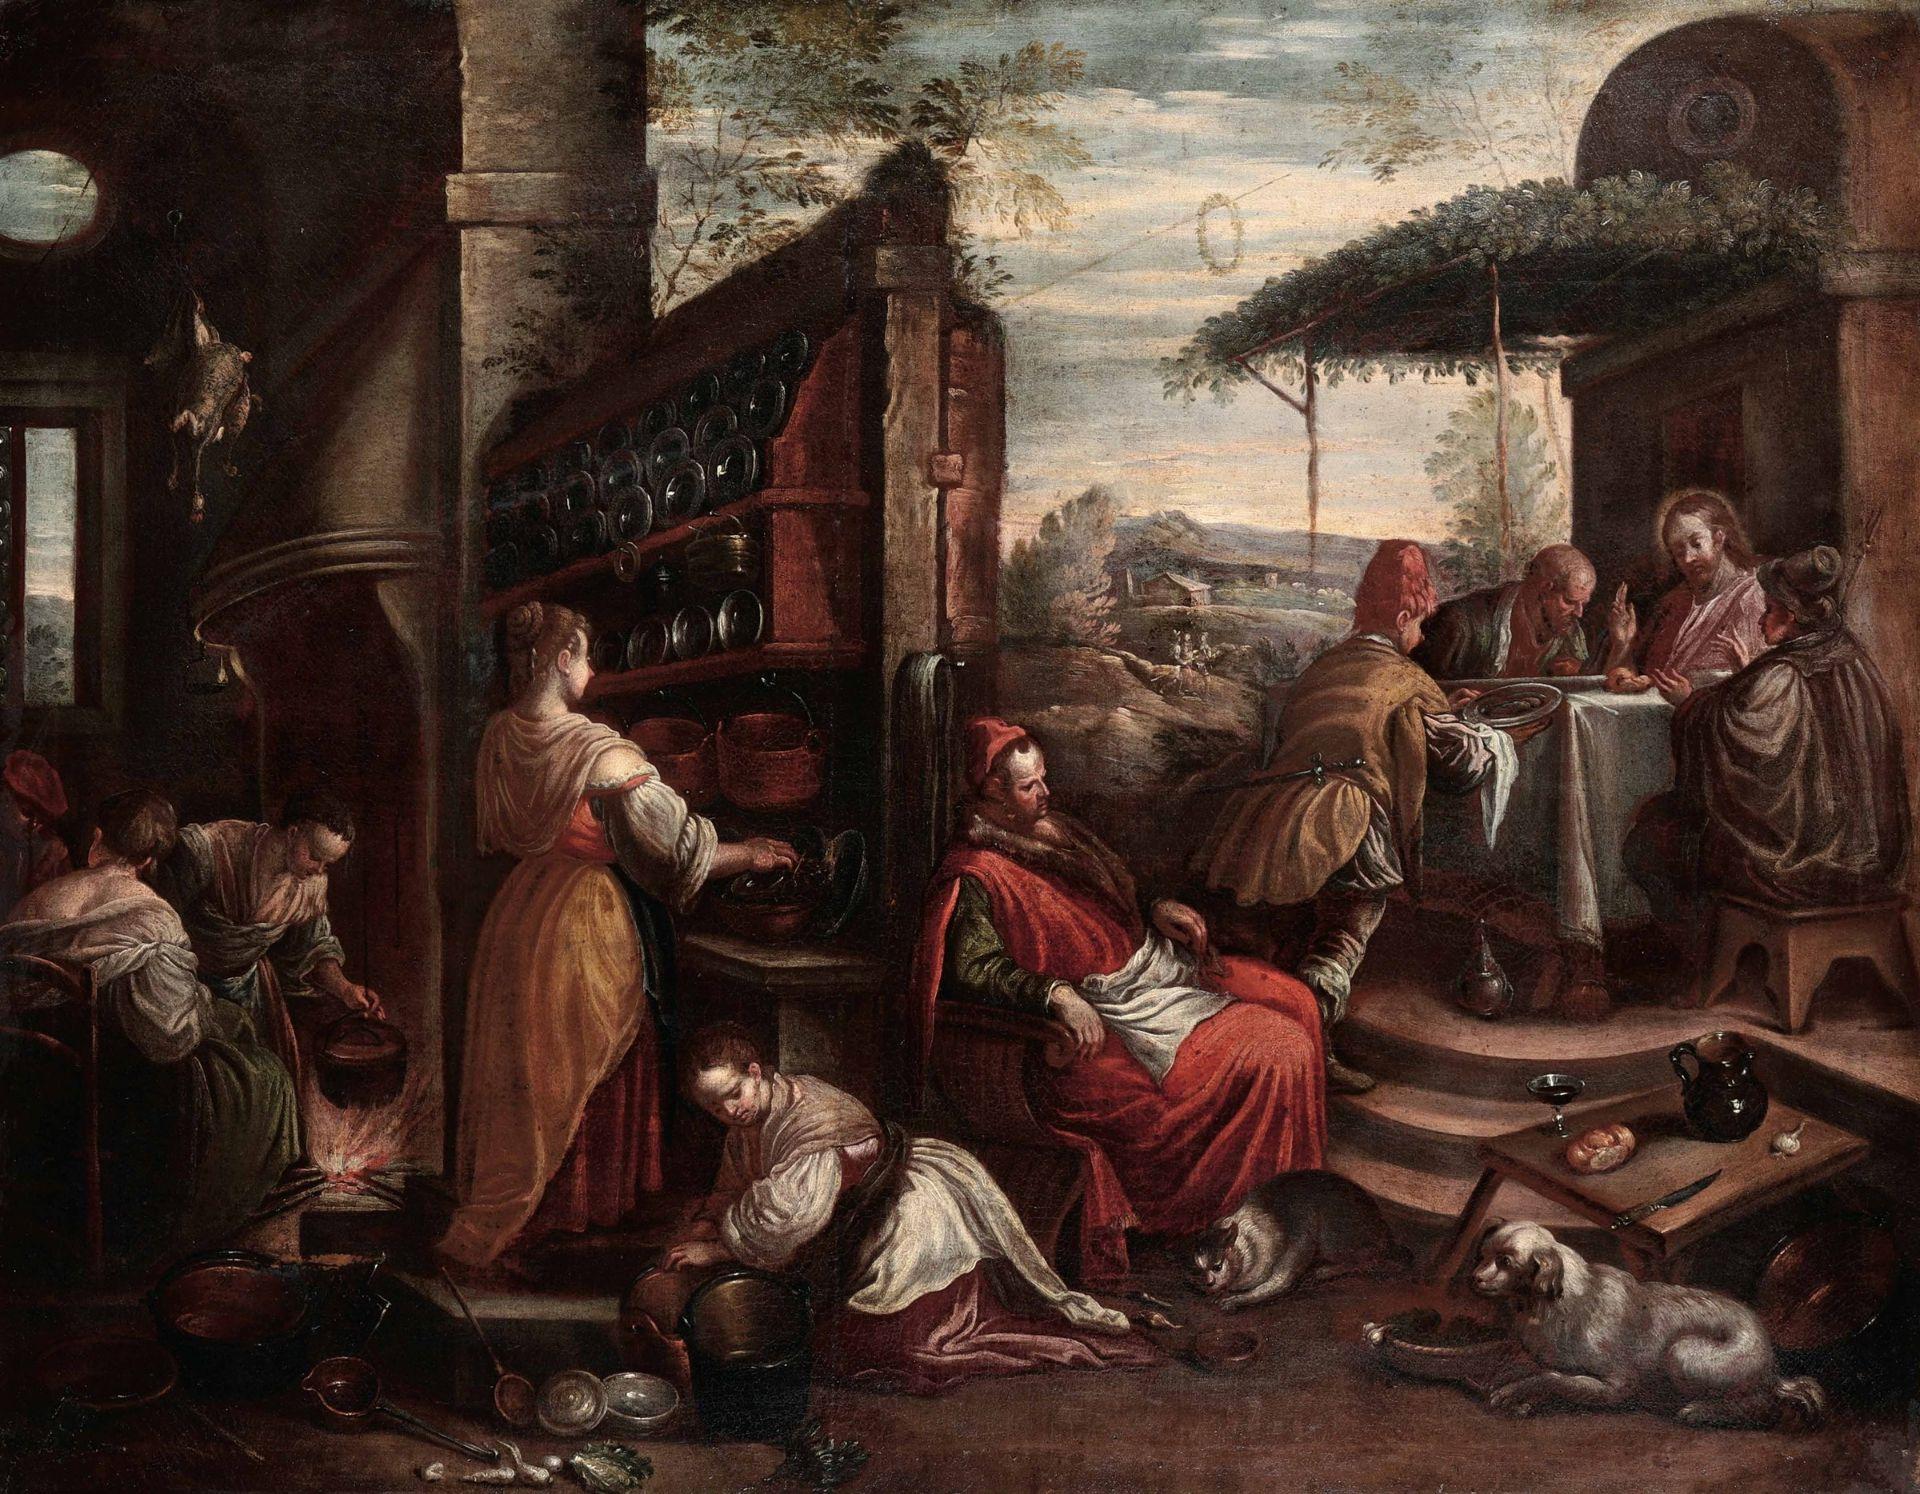 Los 28 - Leandro Bassano (Bassano del Grappa 1557 - Venezia 1622), attribuito a, La cena di [...]